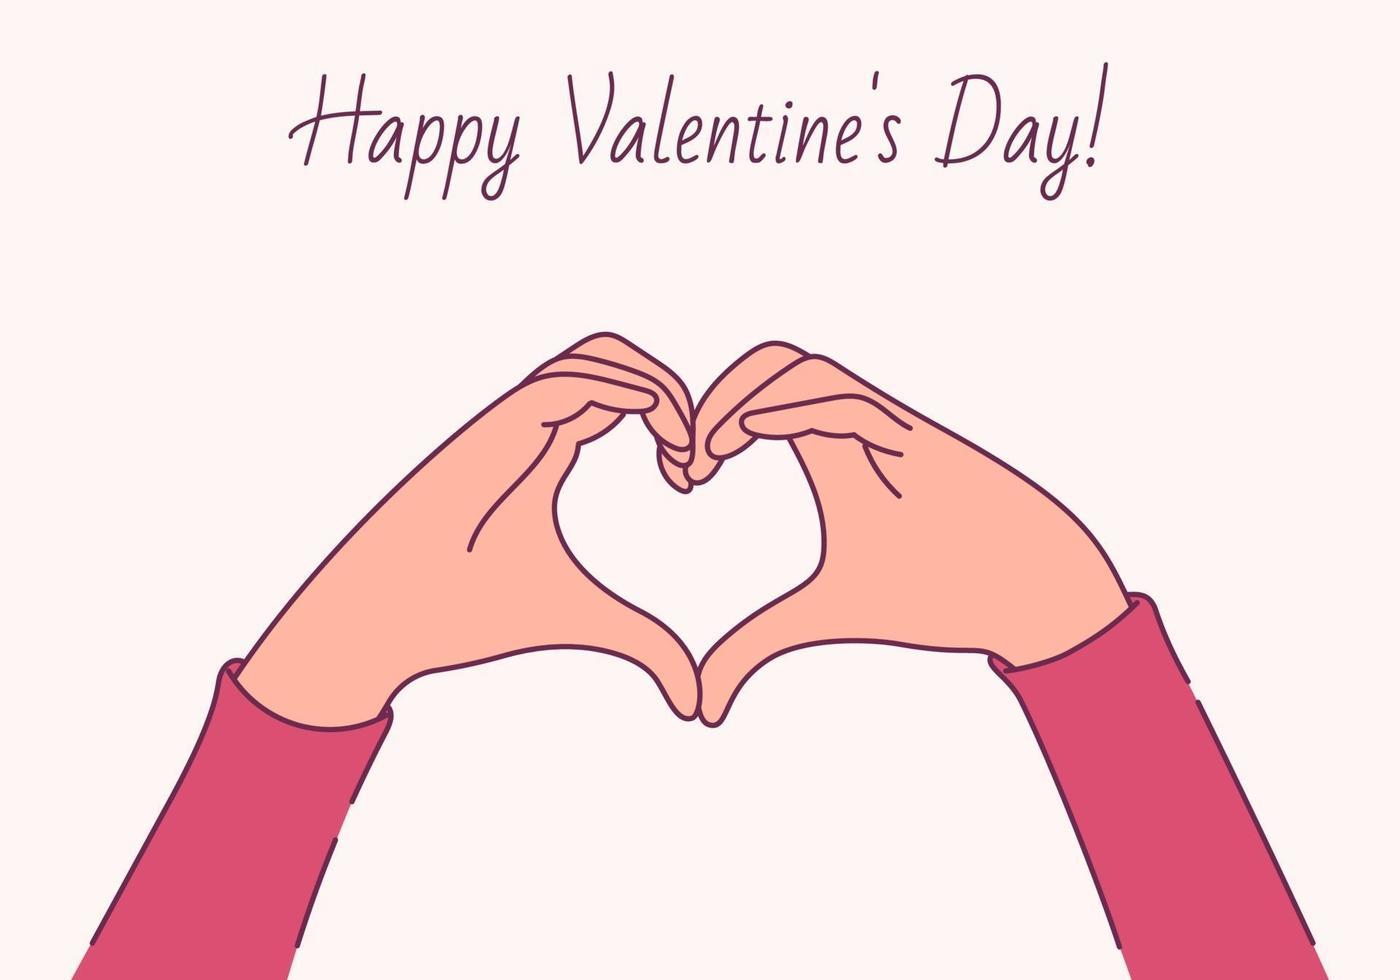 feliz dia dos namorados, conceito de amor. mãos femininas em forma de coração vetor